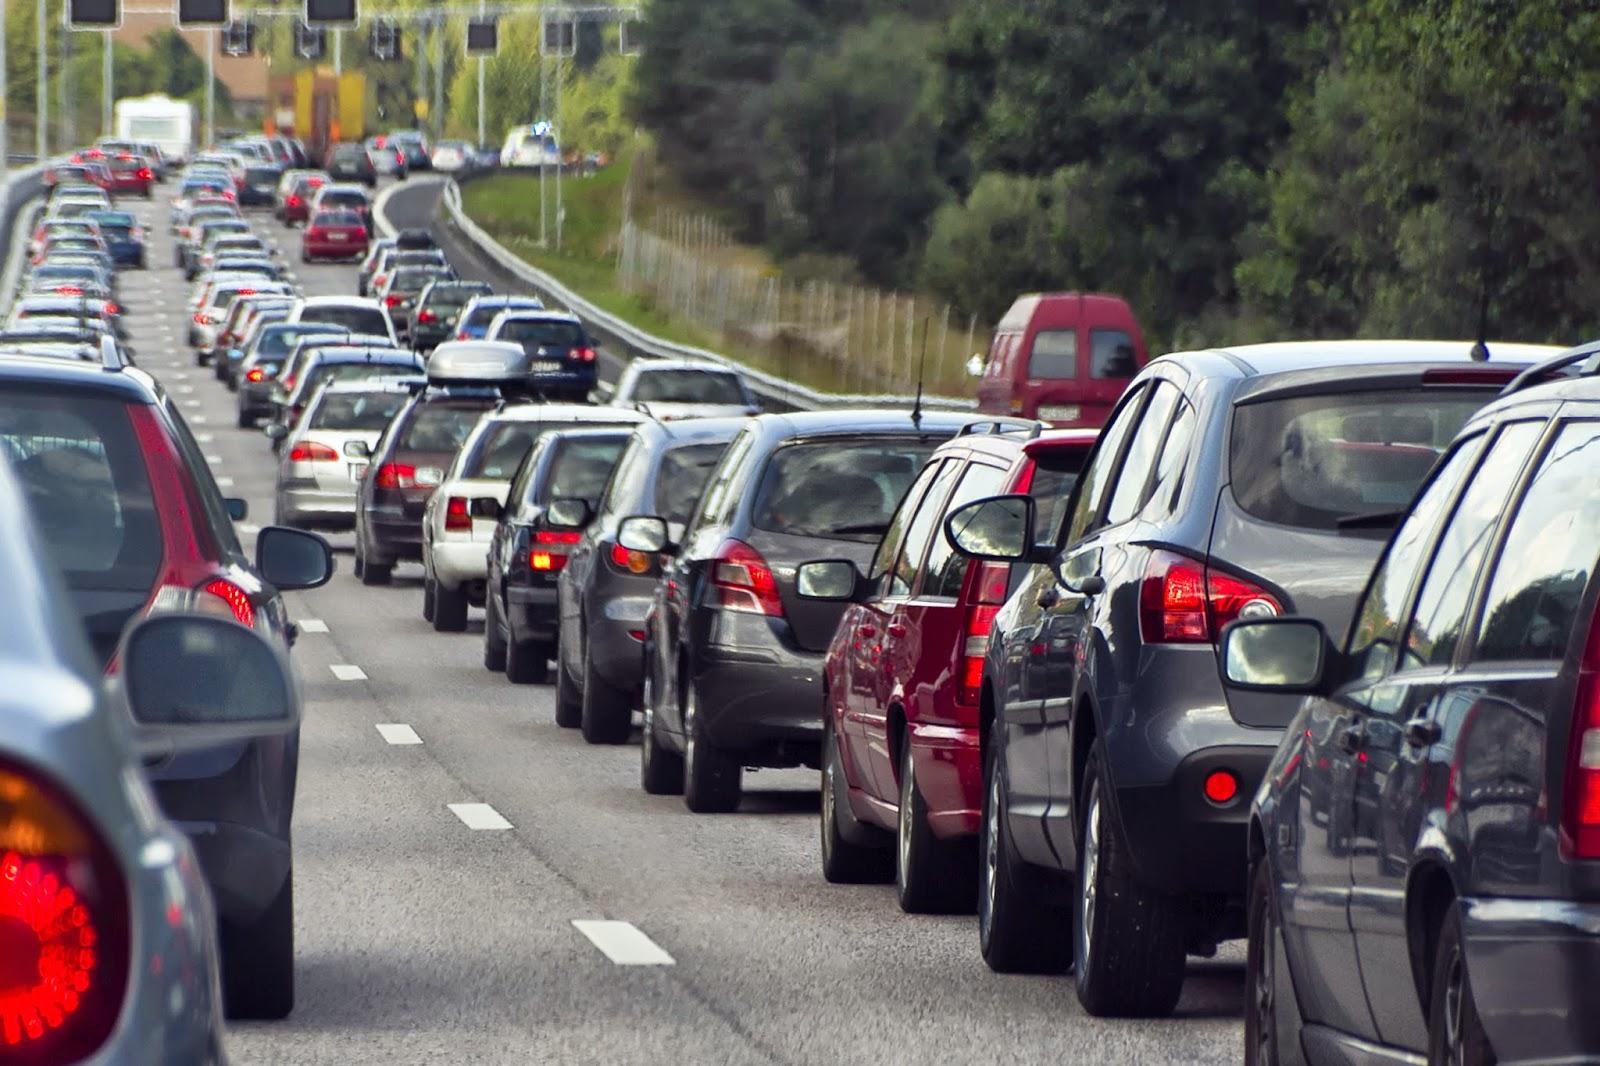 Bumper-to-bumper traffic